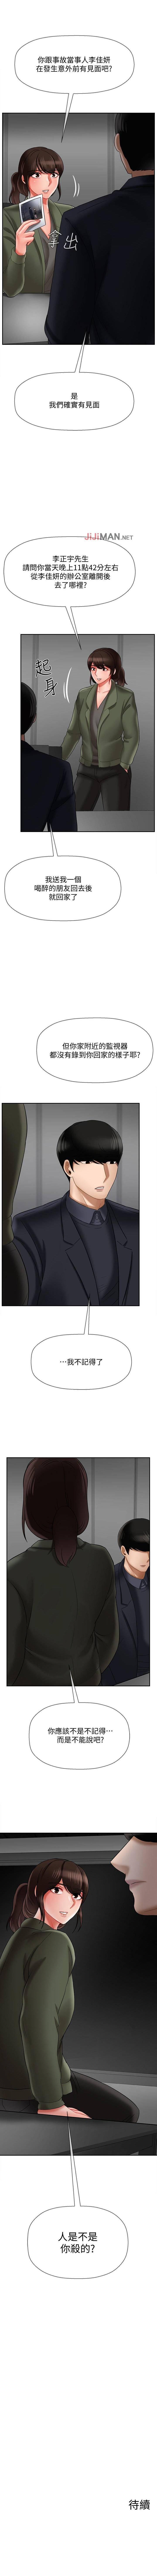 【已休刊】坏老师(作者:朴世談&福) 第1~31话 163